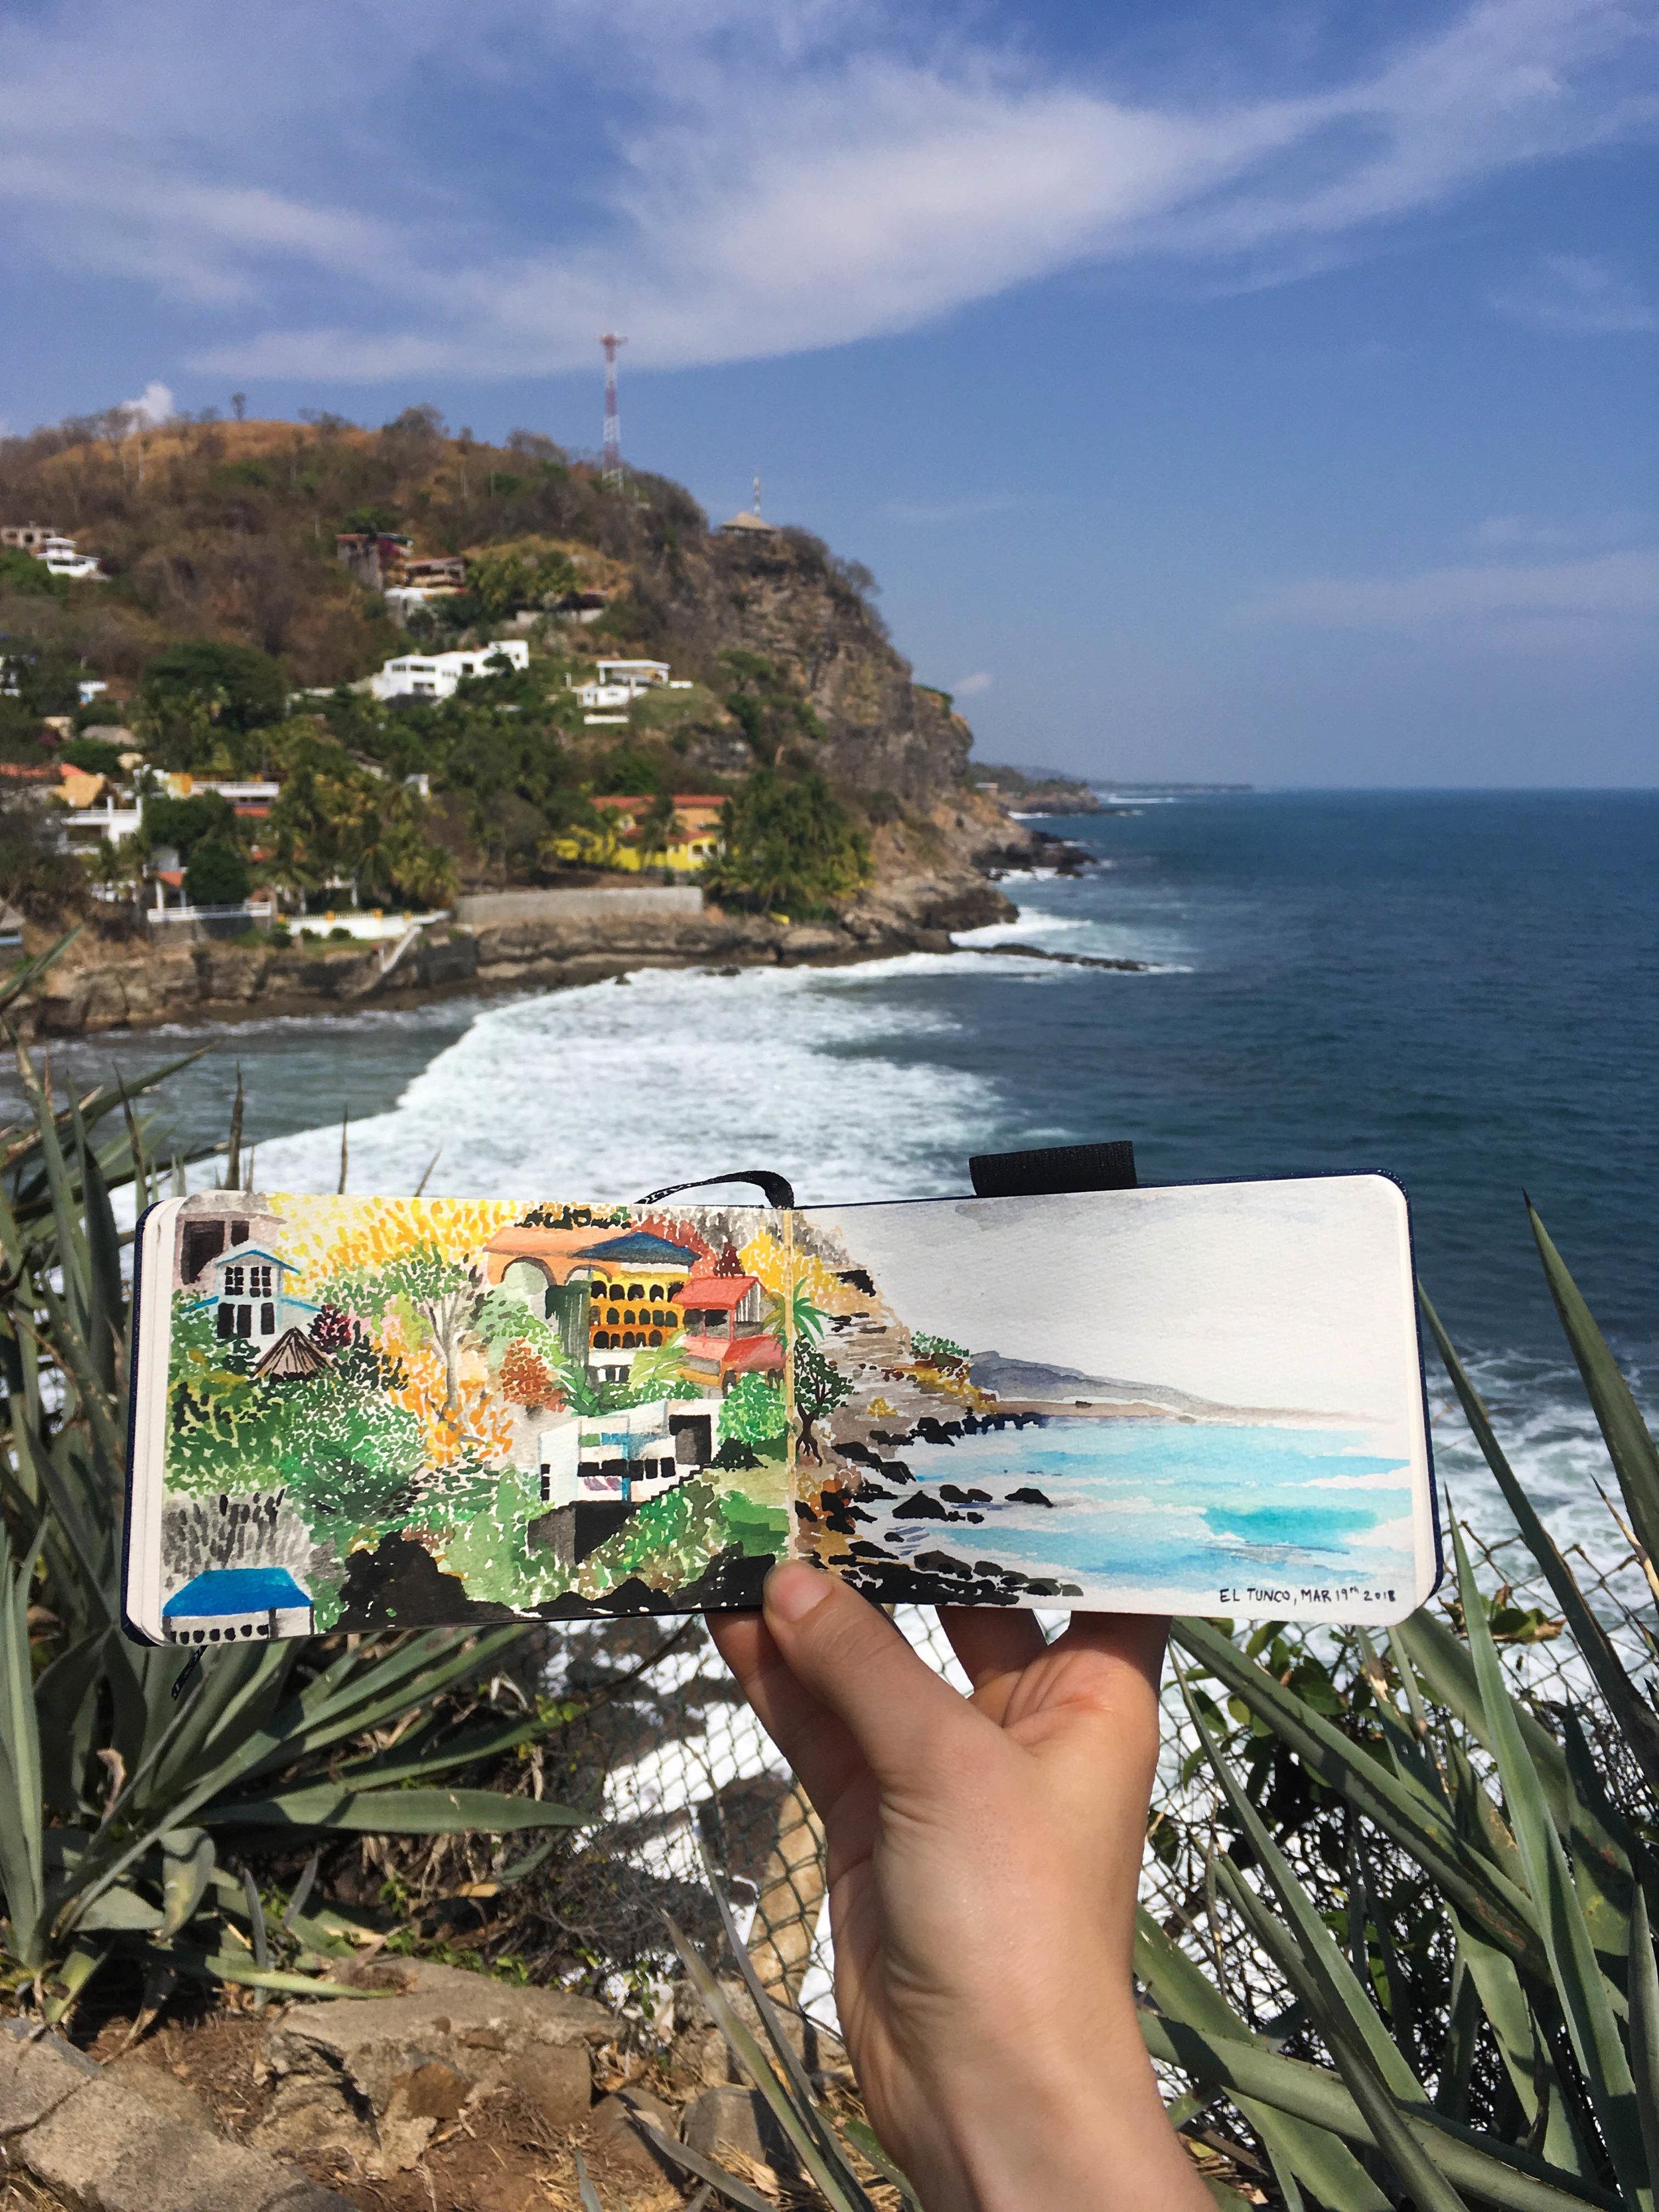 El tunco-painting and view--NatalieNehlawi.jpg